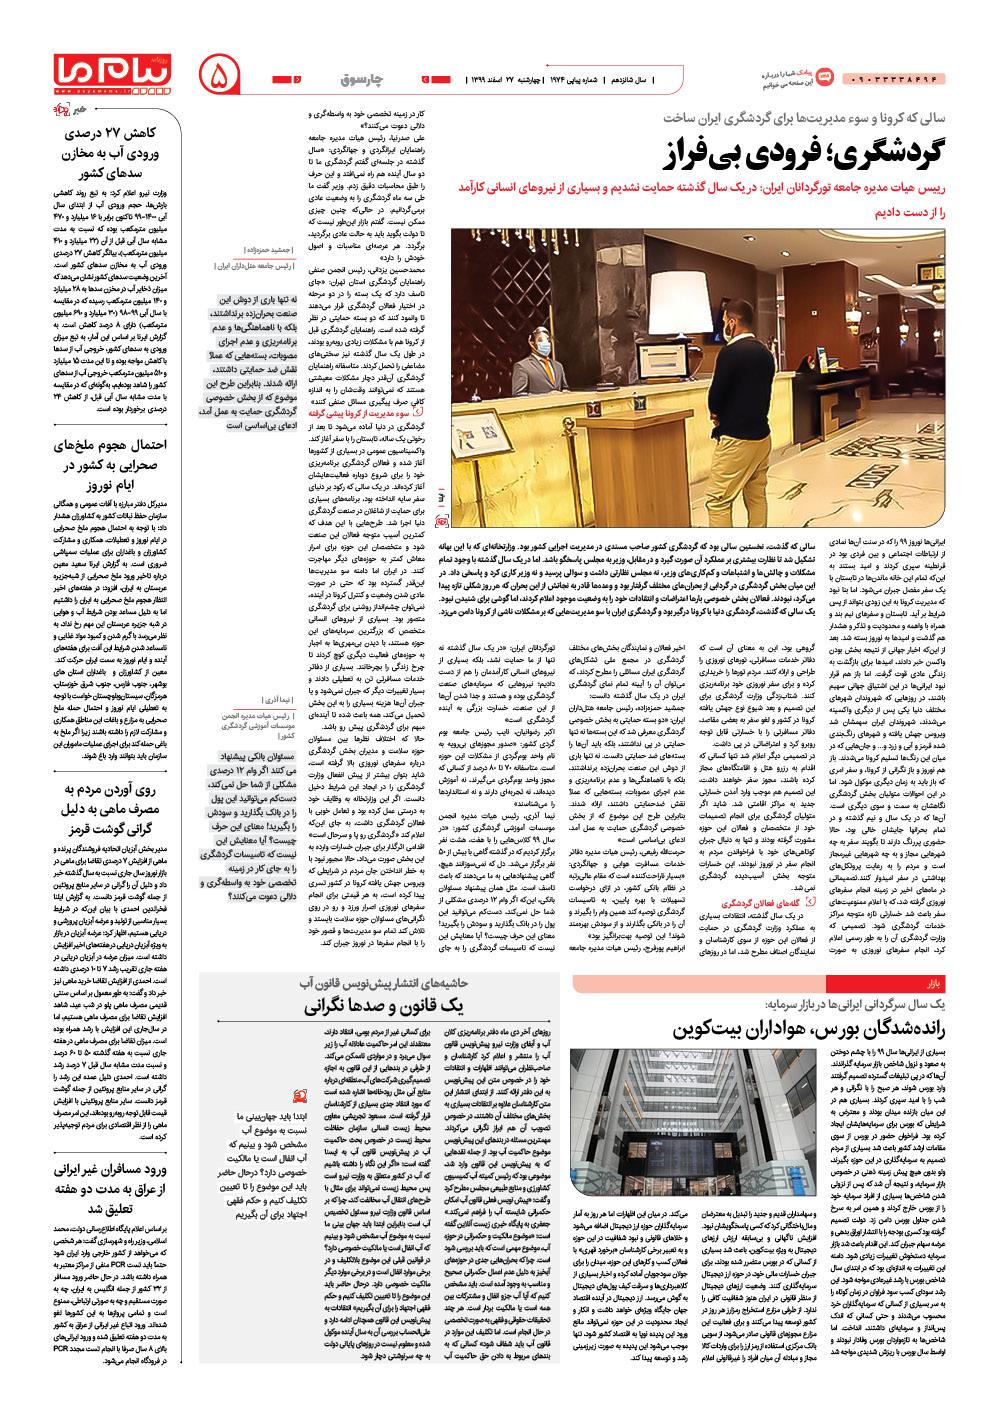 صفحه چارسوق شماره ۱۹۷۴ روزنامه پیام ما